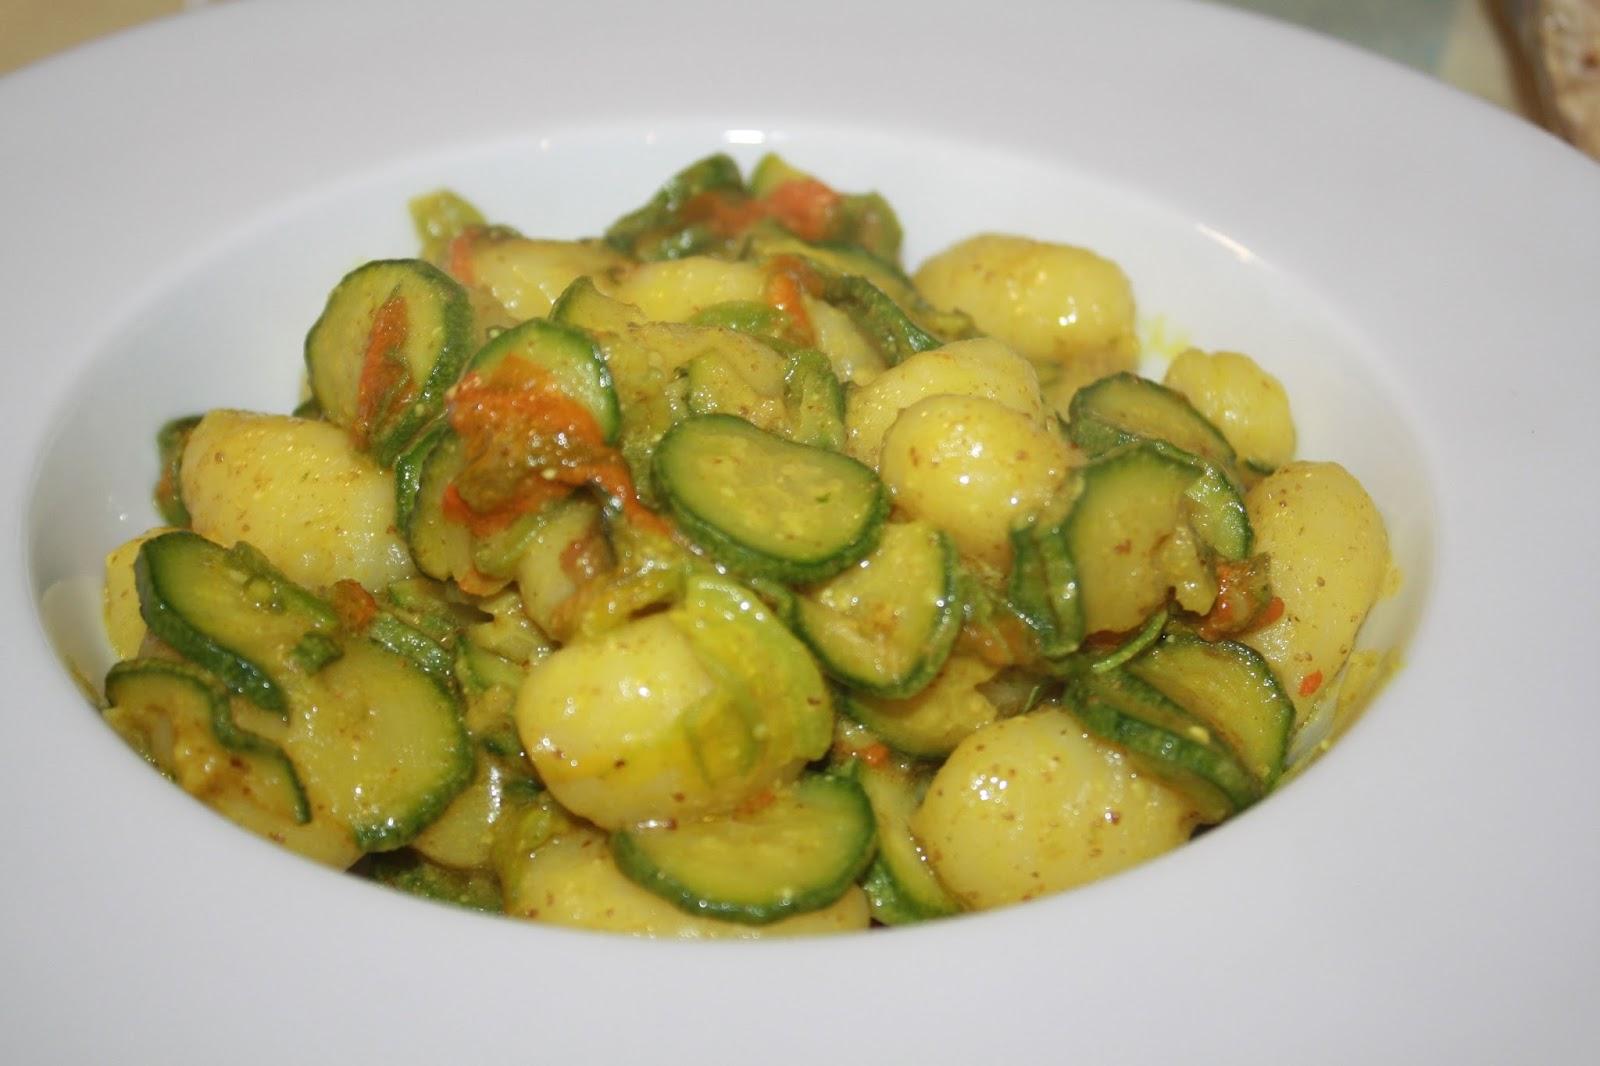 Disegno cucina moderna giugno 2015 : La Cuciniera Moderna: Gnocchi zucchine e curry, ricetta saporita